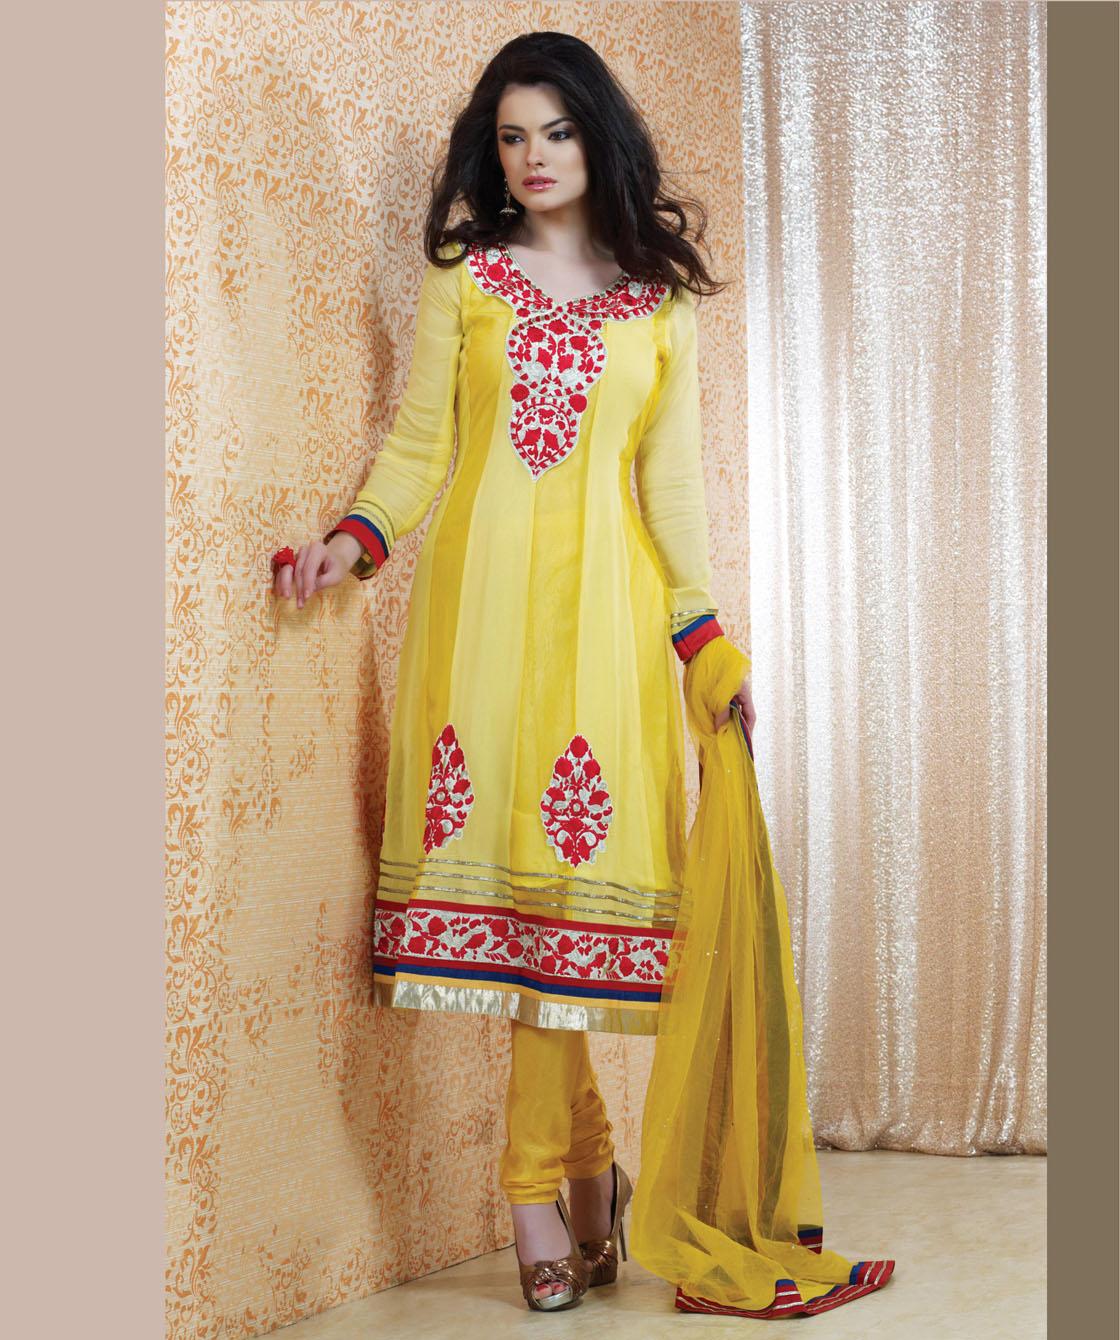 New Designer Anarkali Suit – Latest Anarkali Suit 2013 ... |Latest Bollywood Salwar Kameez Designs 2013